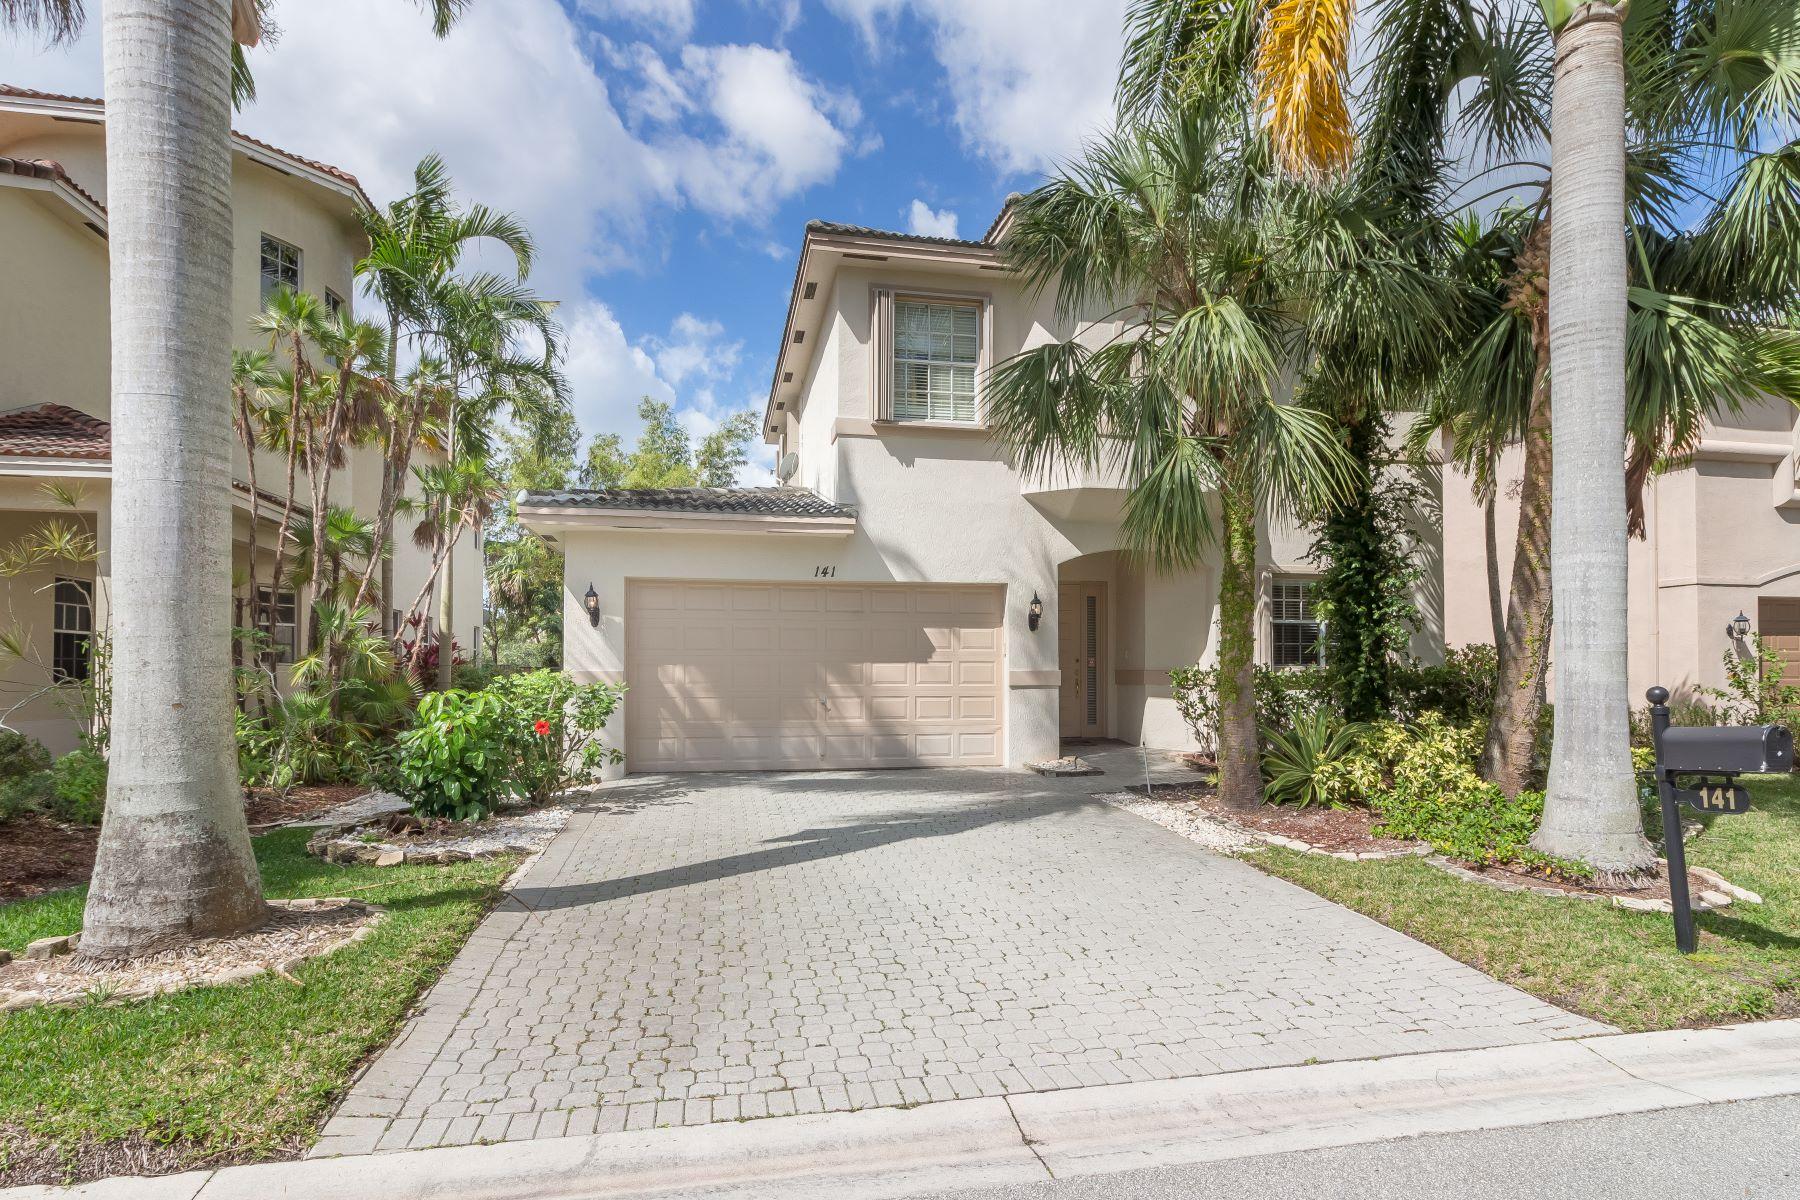 独户住宅 为 销售 在 141 Nw 117th Ter 141 Nw 117th Ter 种植园, 佛罗里达州 33325 美国